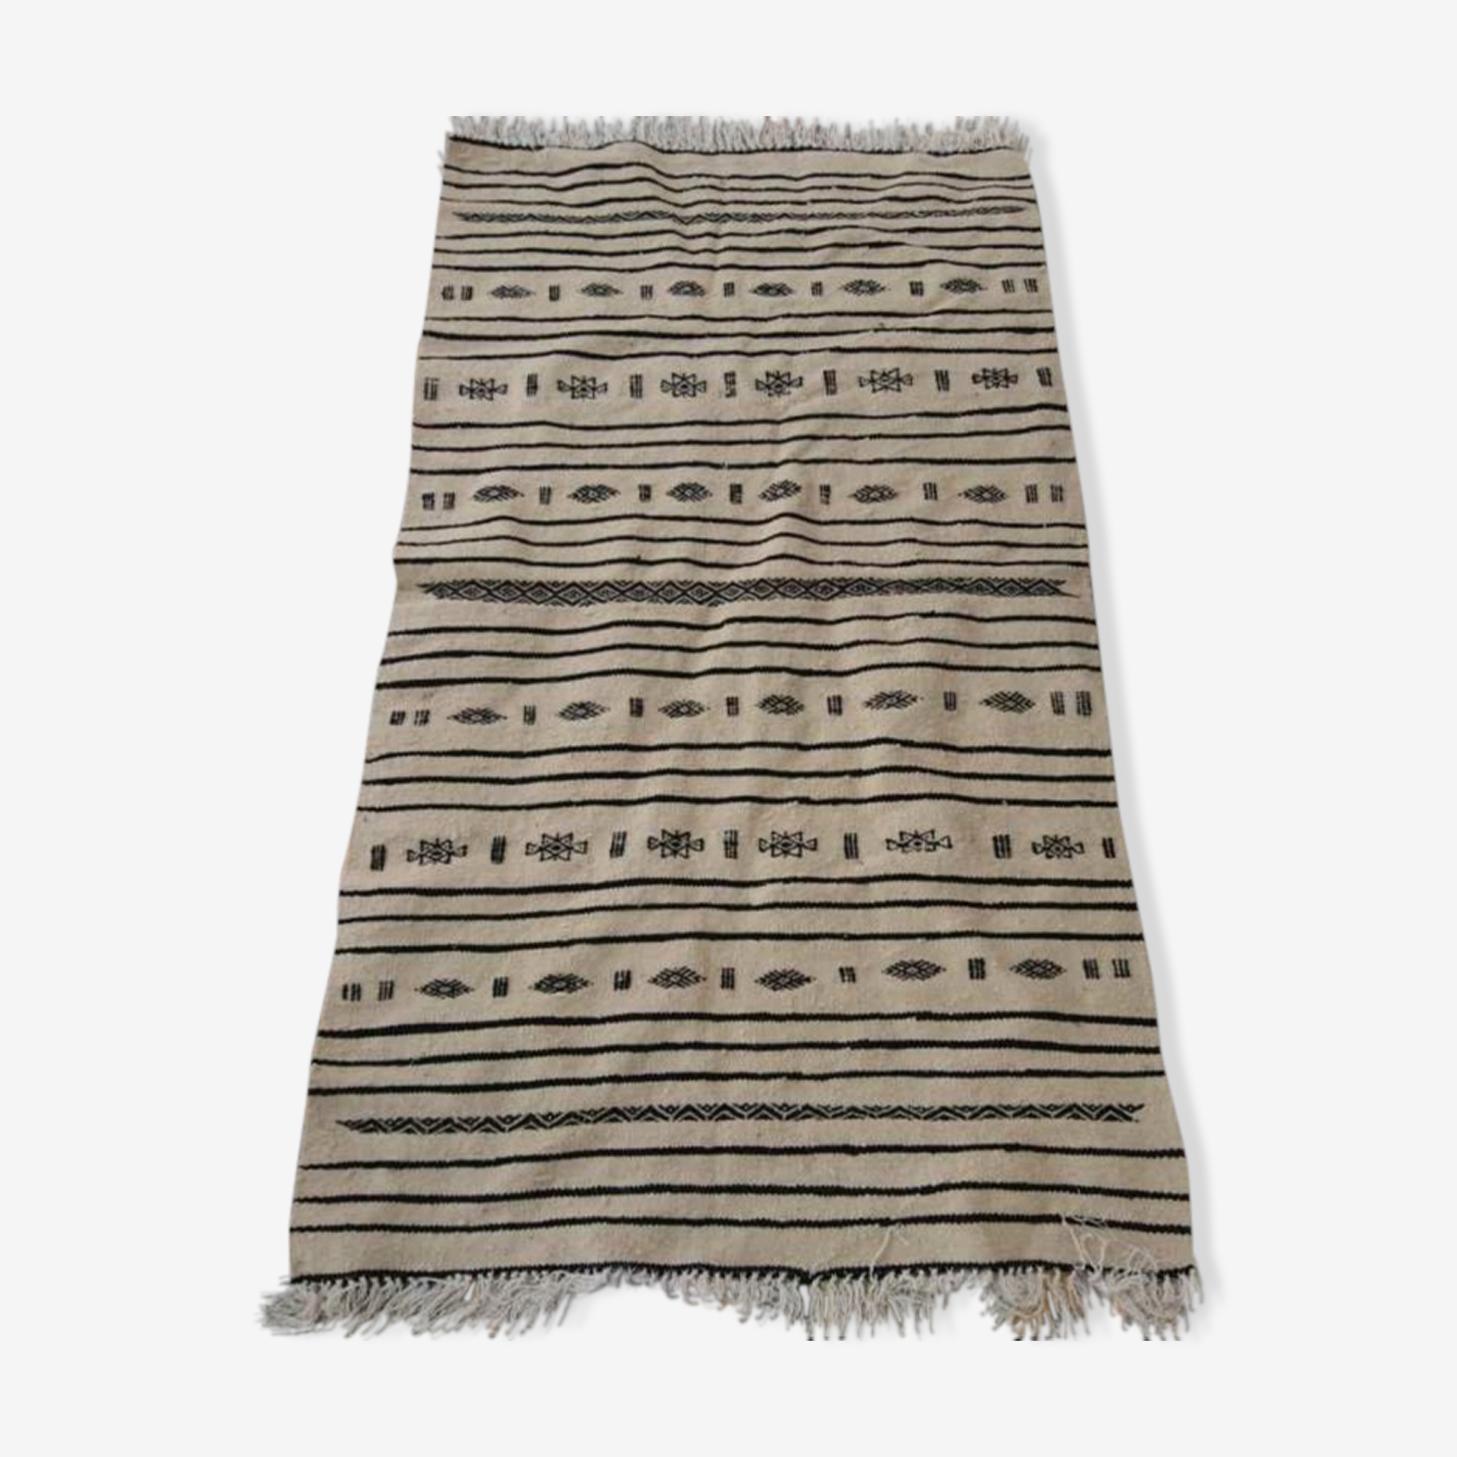 Tapis kilim berbère beige et noir en laine 181x100cm